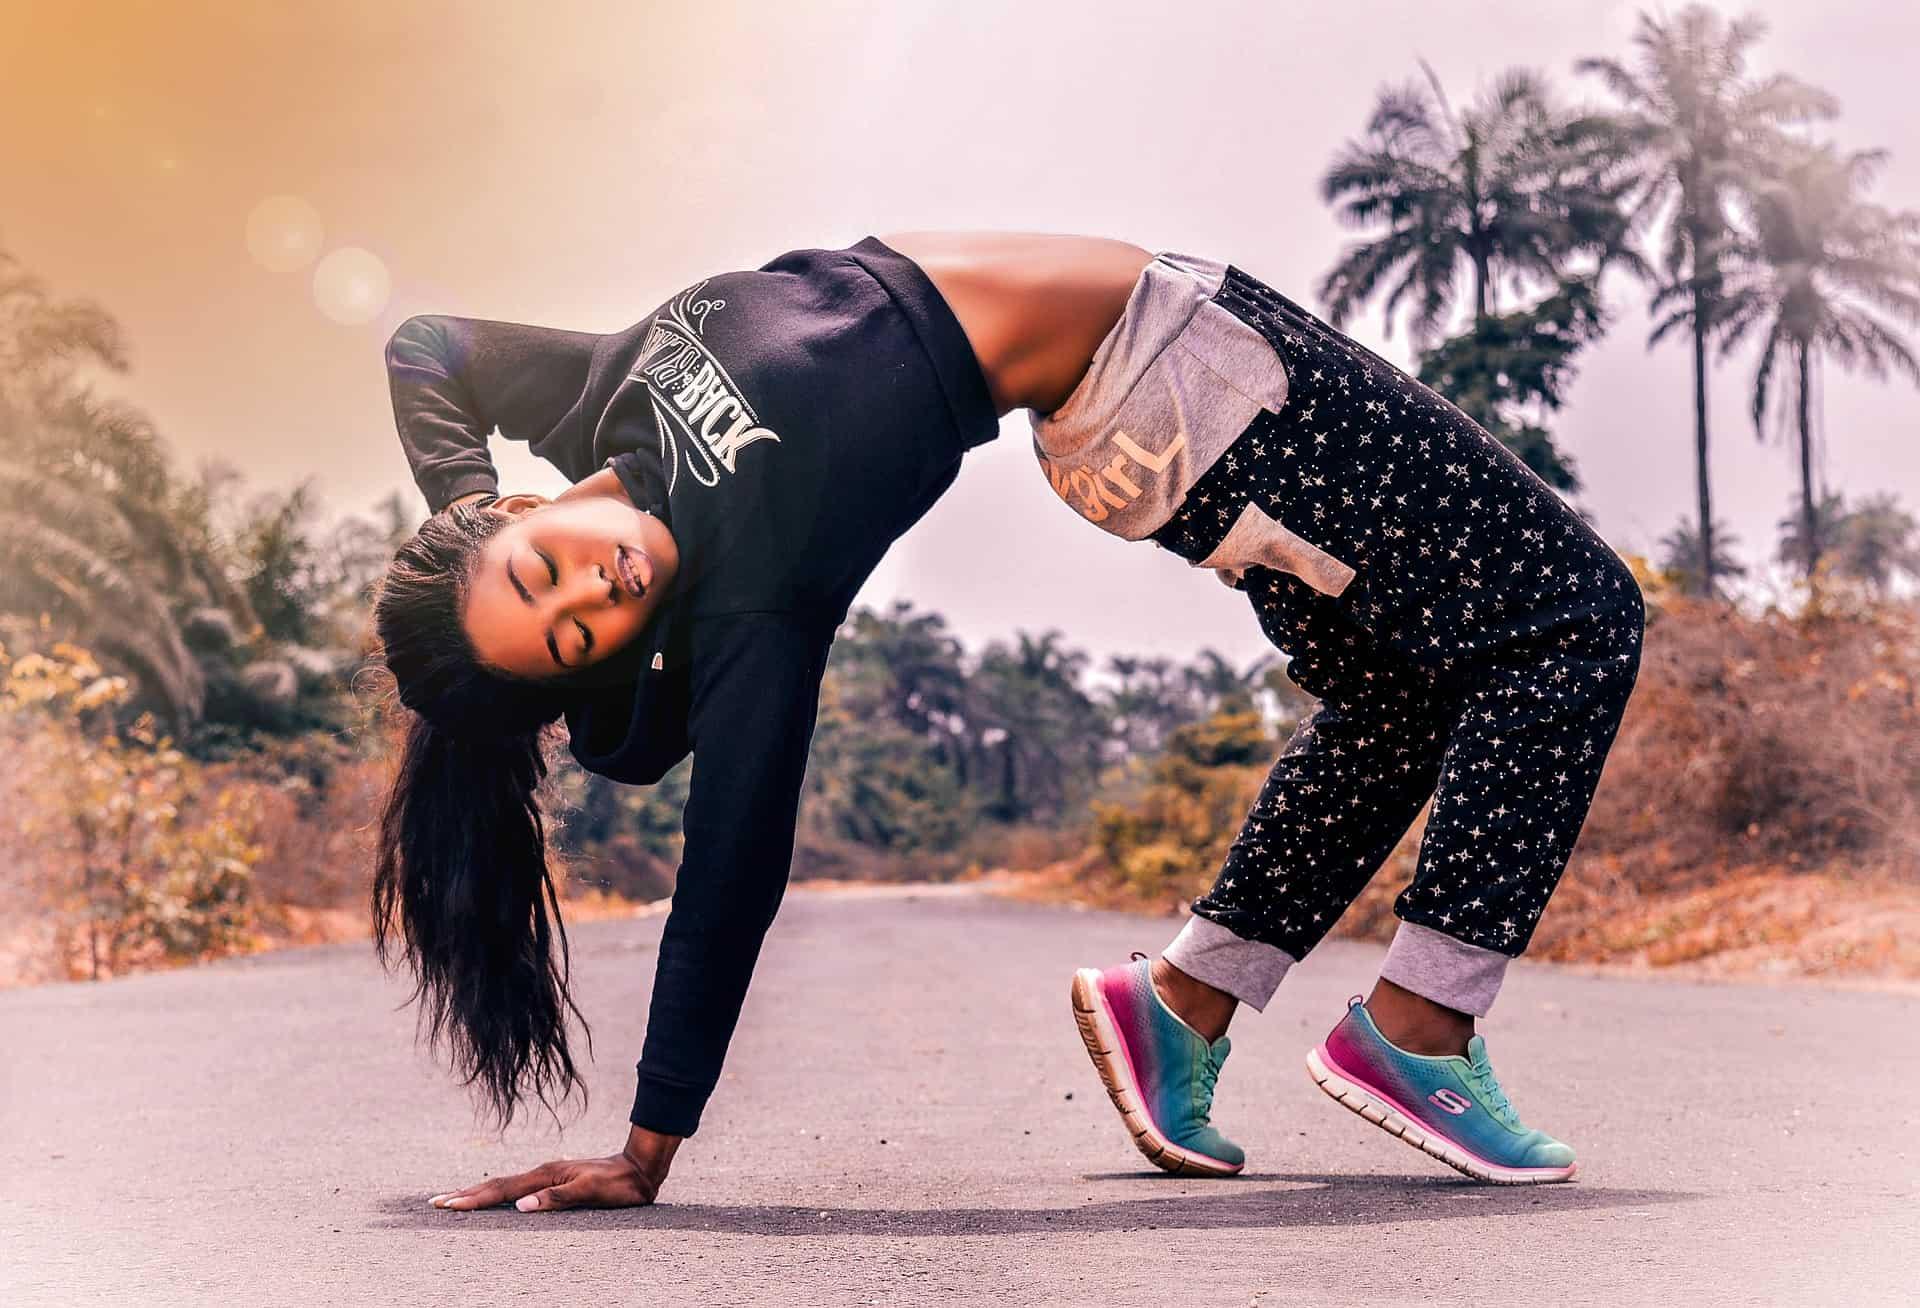 Klettergurt Für Yoga : Yogistar yoga set starter edition meditation ahgpxn